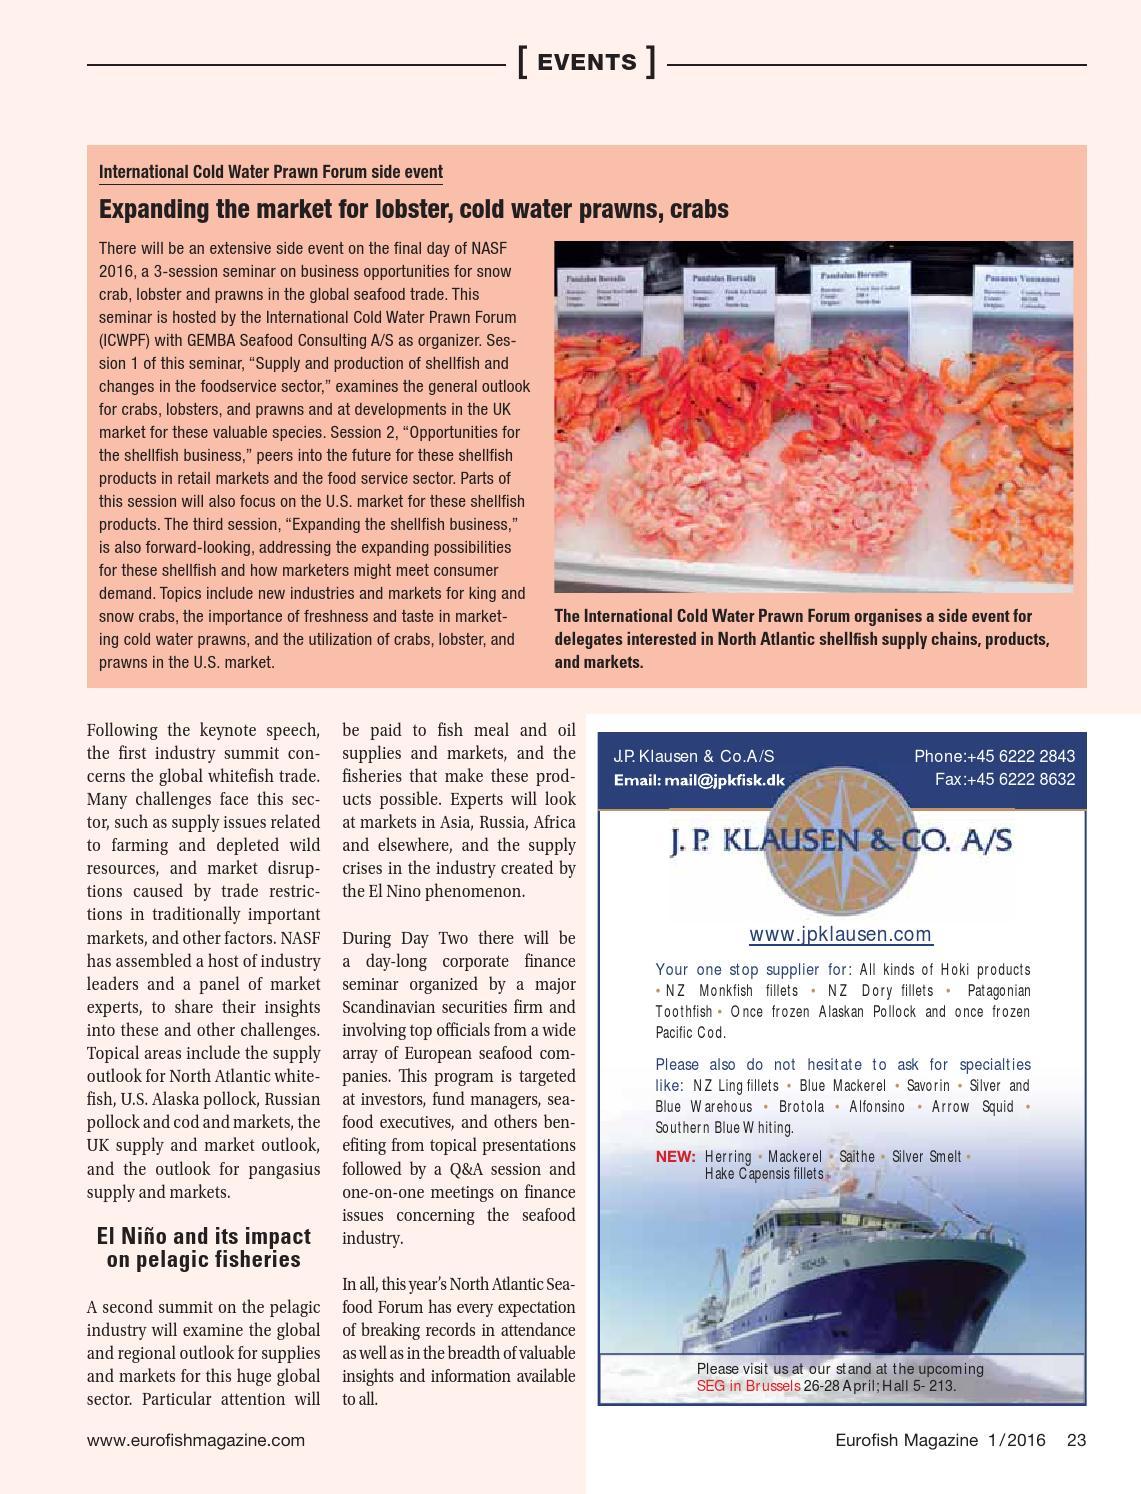 Eurofish magazine 1 2016 by Eurofish - issuu